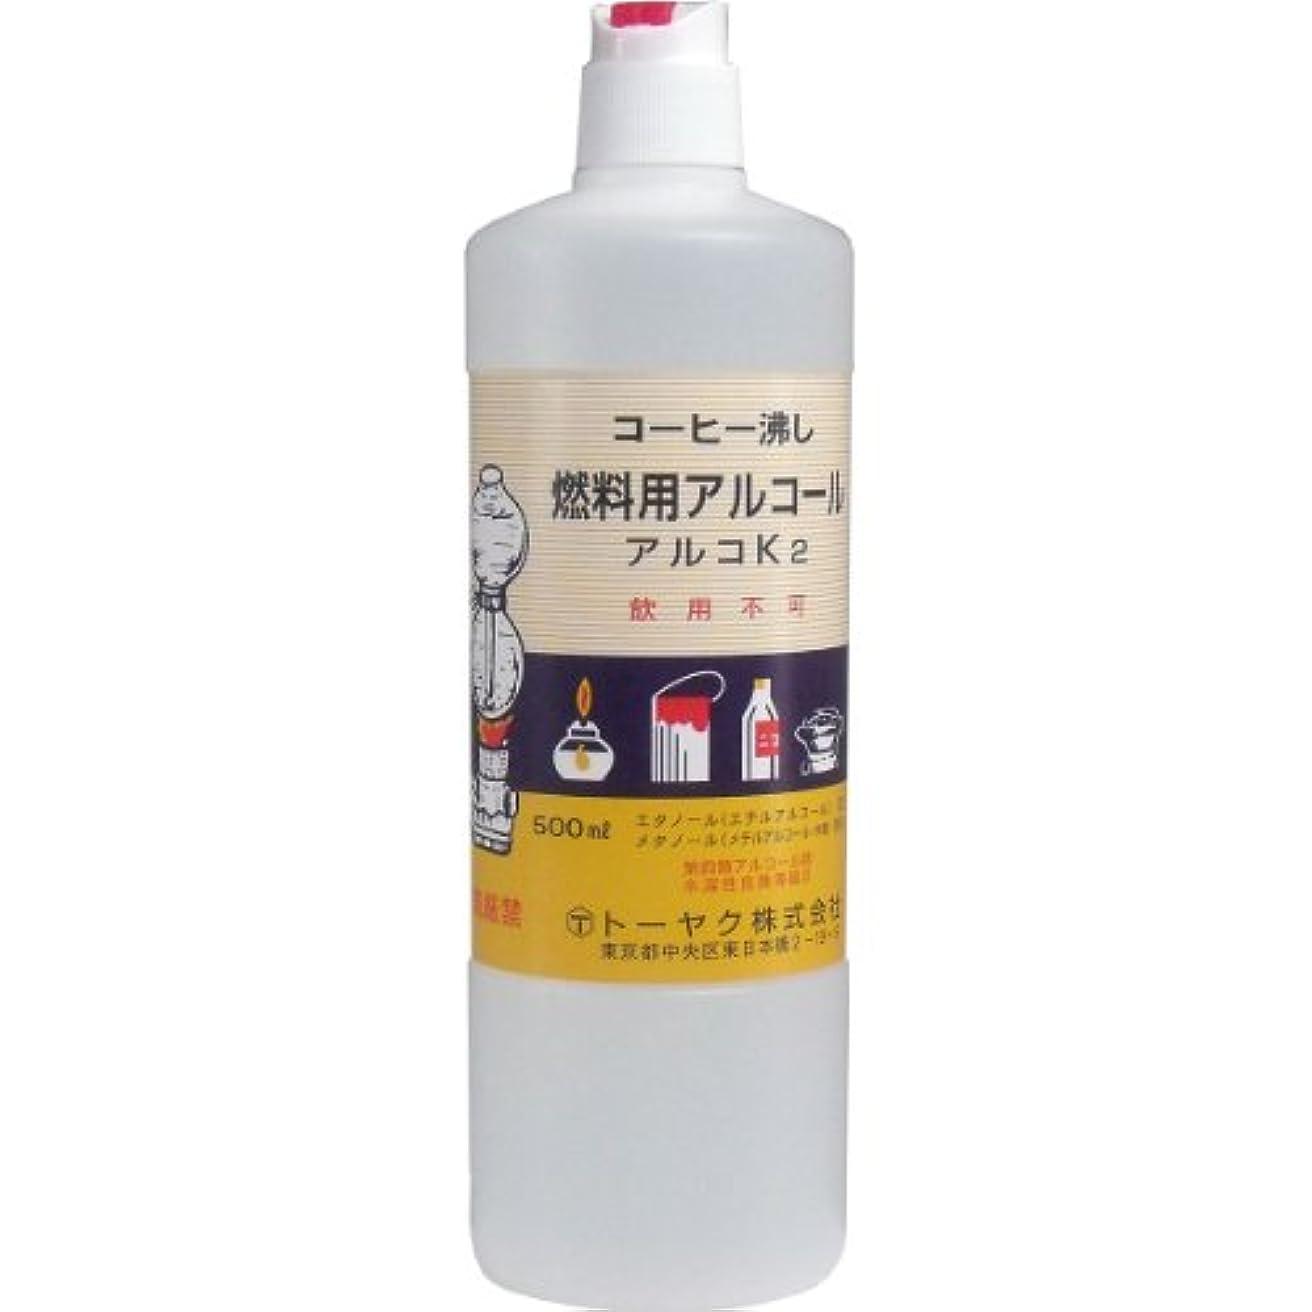 息切れ道浴室燃料用アルコール アルコK2 ×3個セット